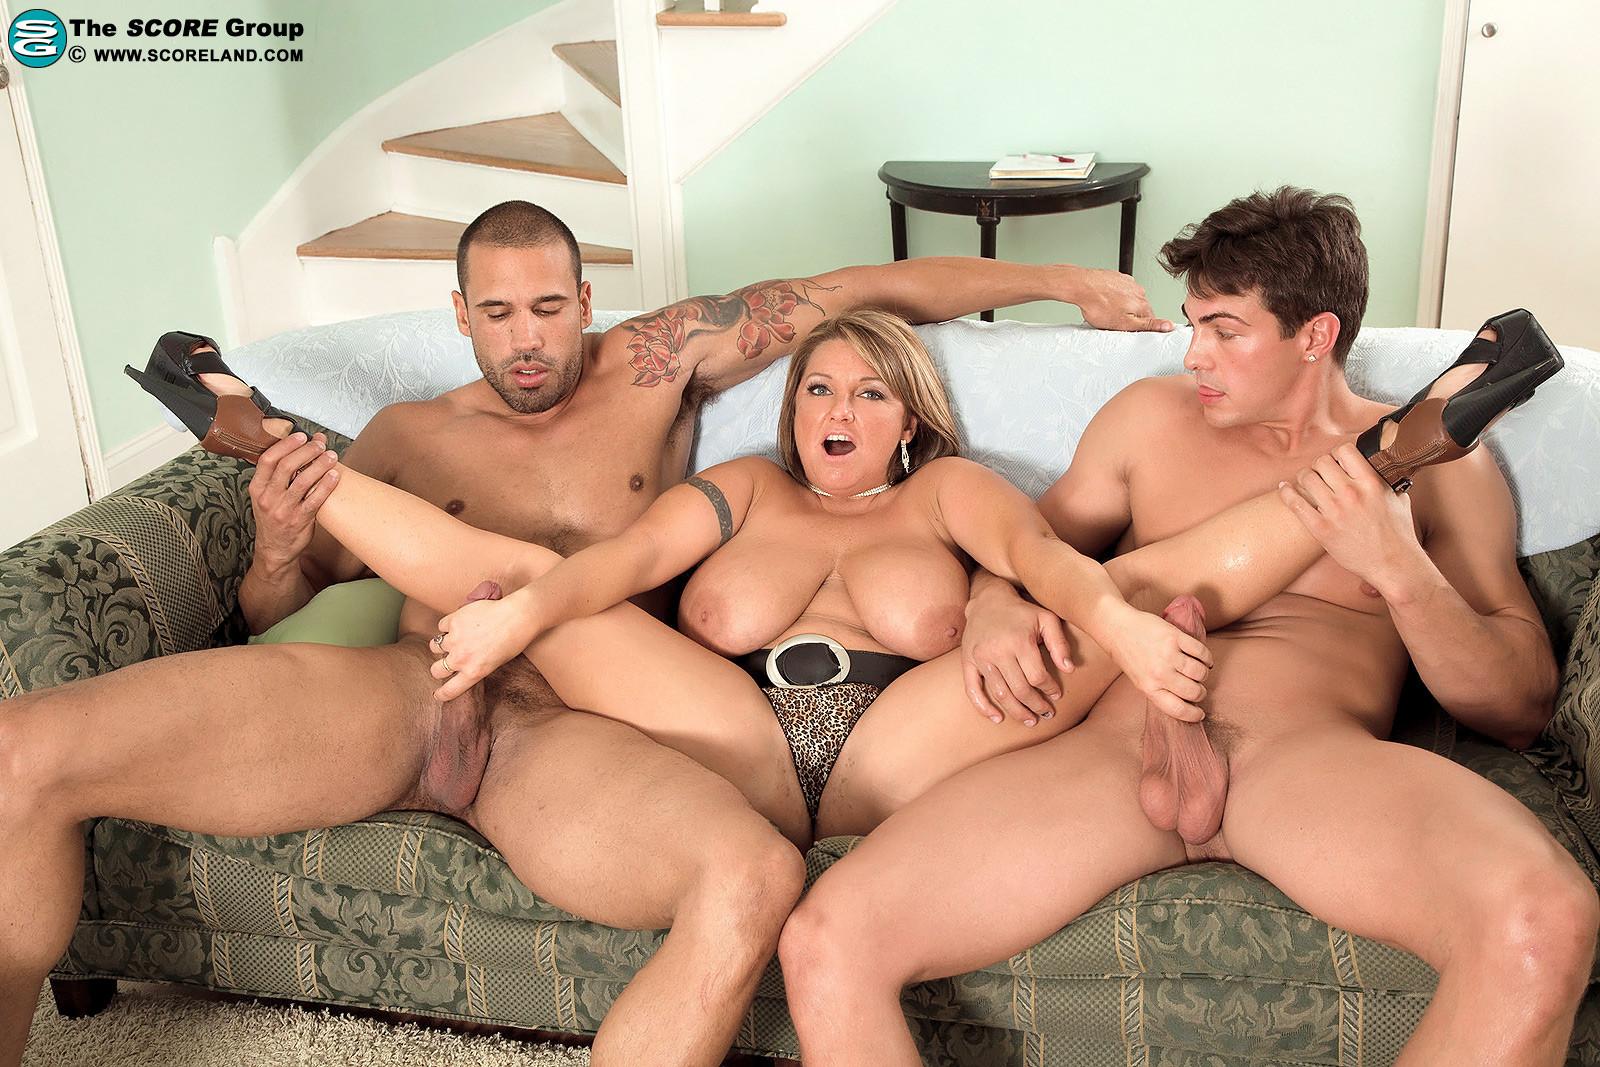 Big Tits Big Ass You Love